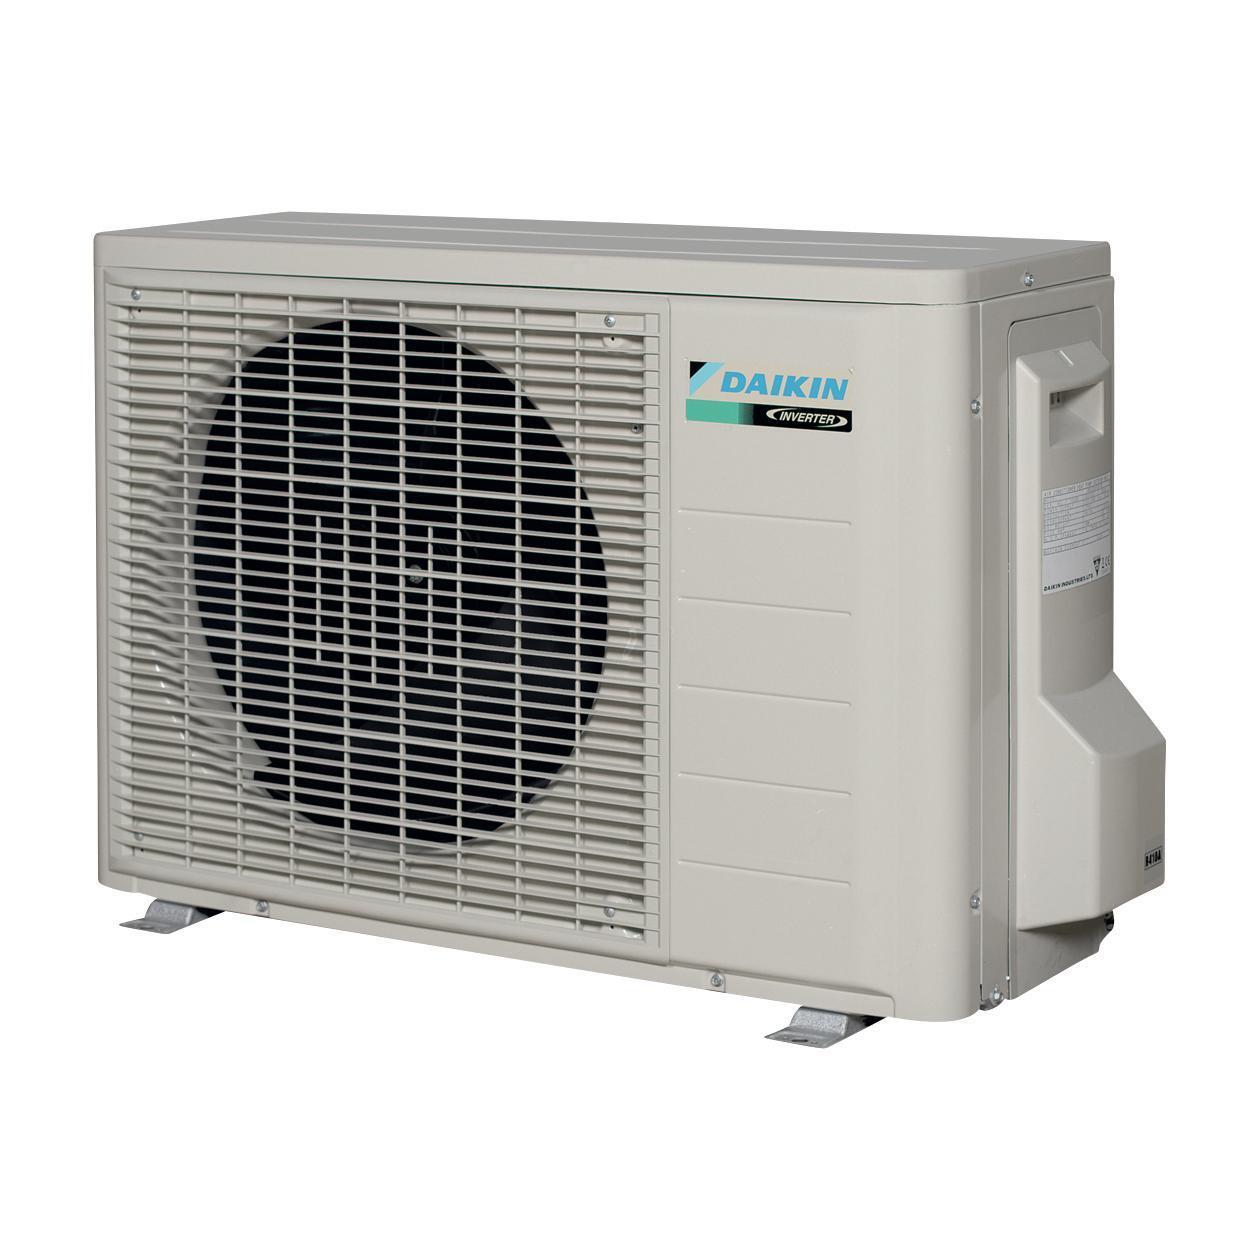 Climatizzatore monosplit DAIKIN Emura 8200 BTU classe A+++ - 4